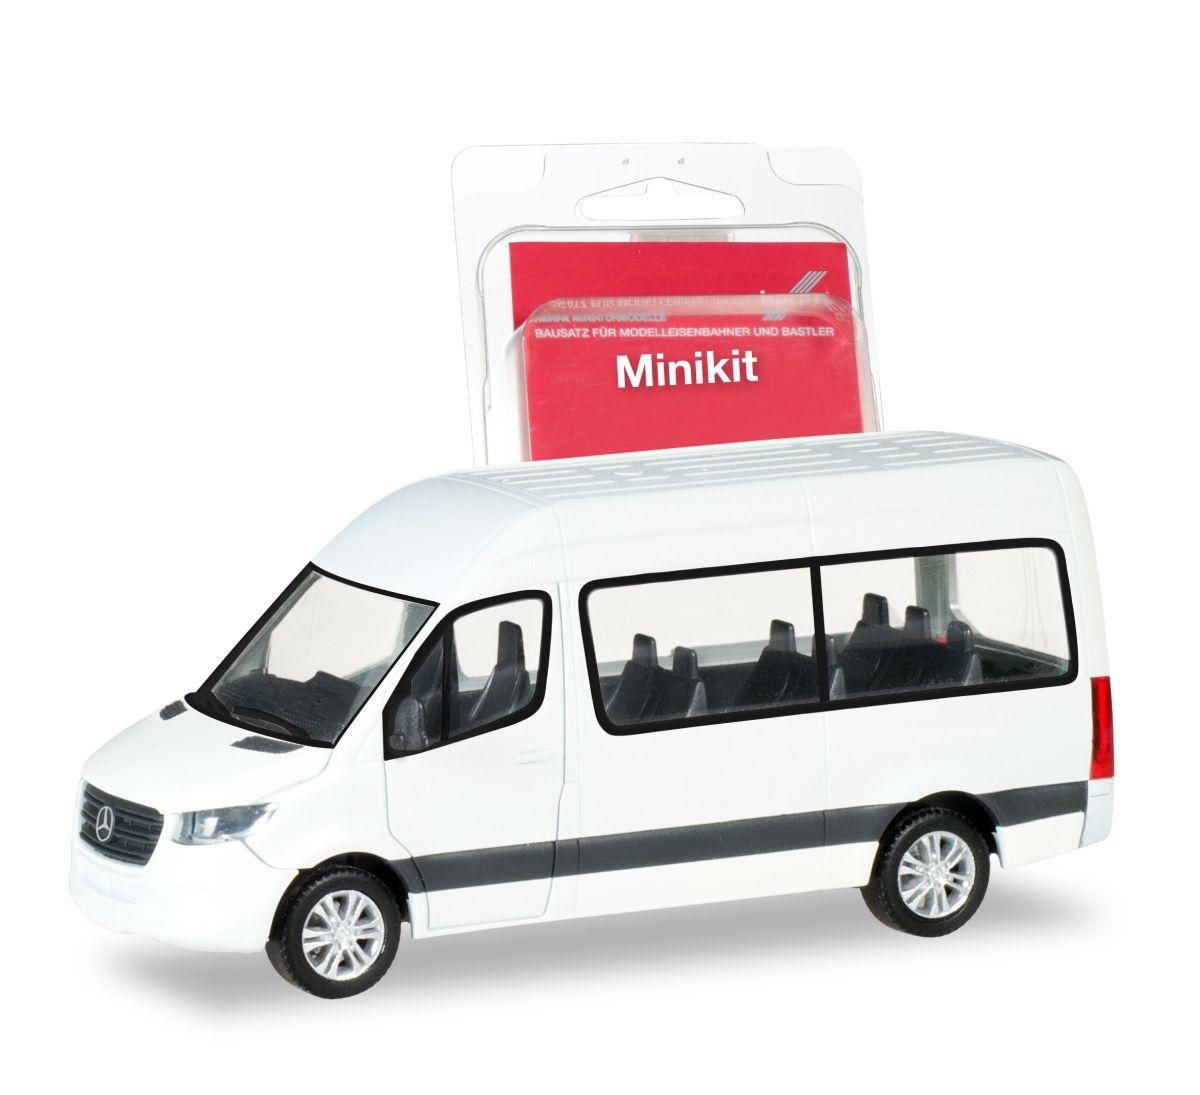 Mercedes-Benz Sprinter `18 Kasten Hochdach herpa 013475 MiniKit weiß 1:87 ...